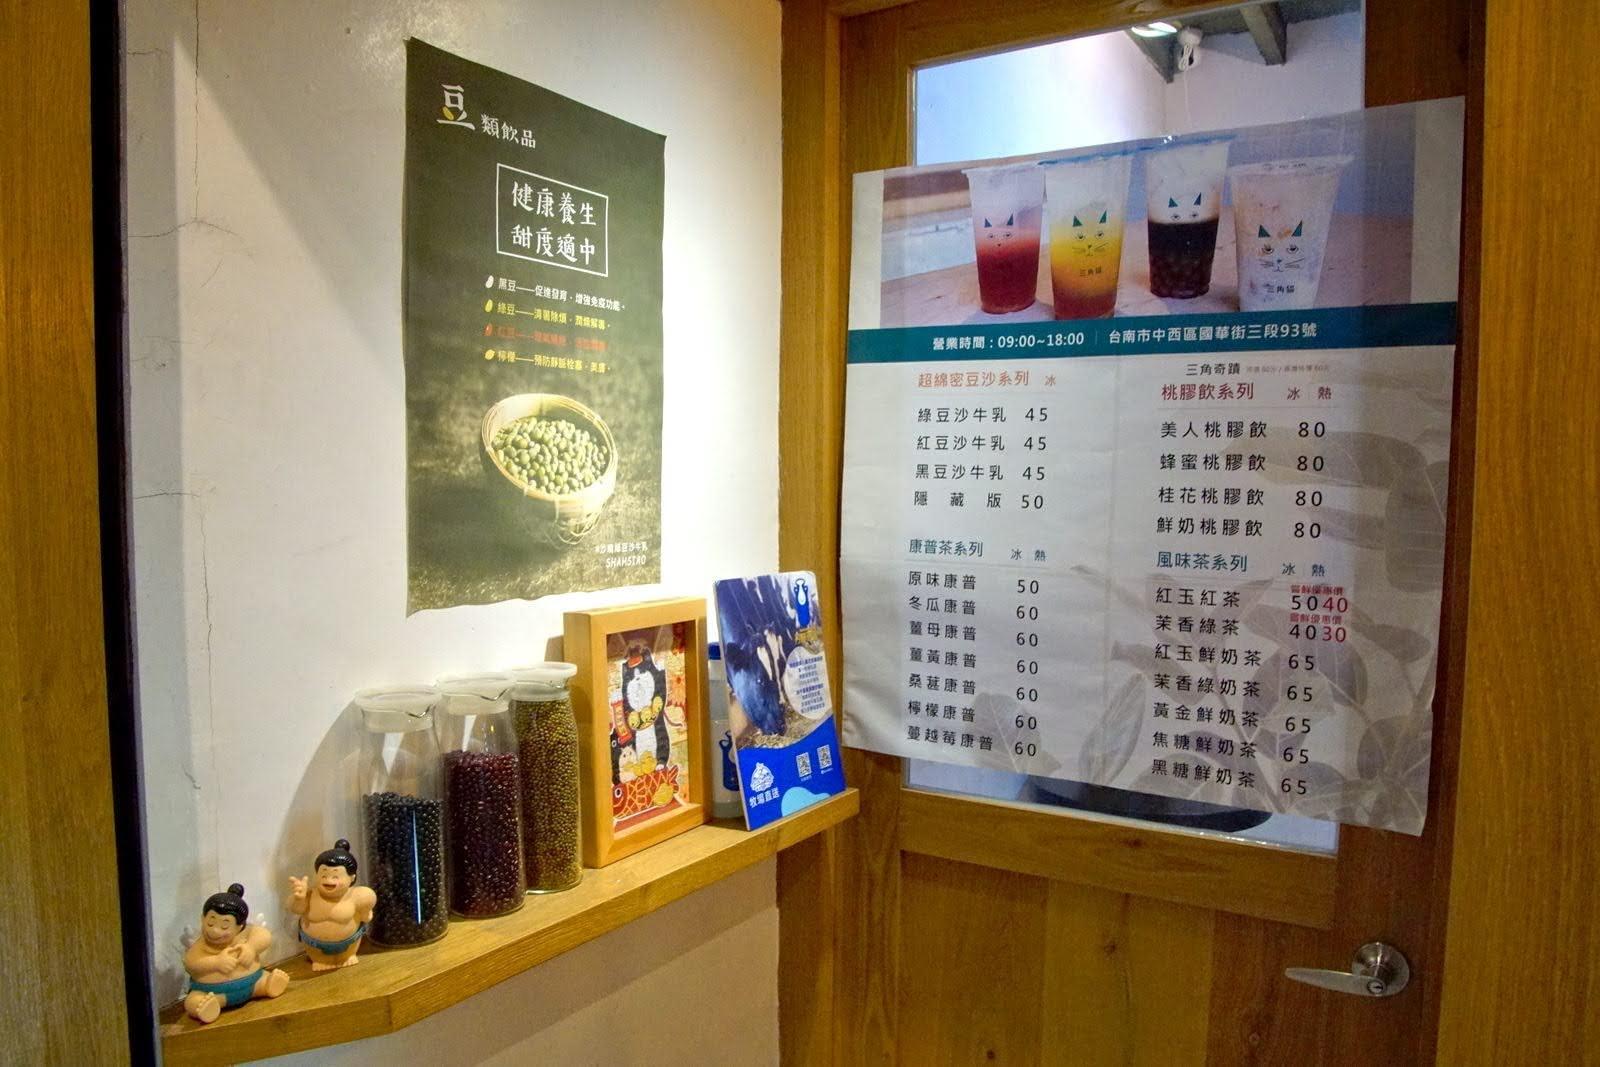 [台南][中西區] 三角貓綠豆沙牛乳-療癒飲品(民族店)|食記